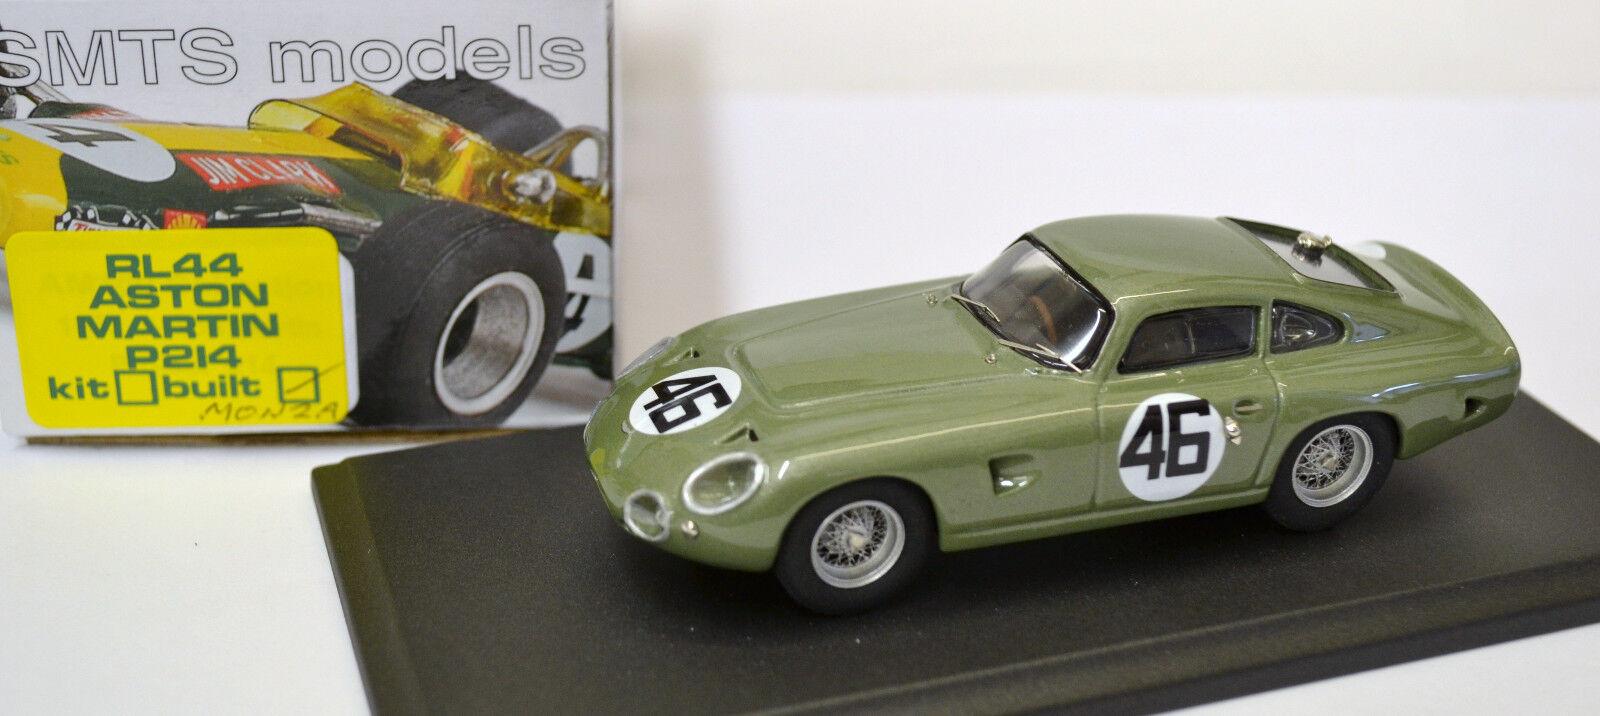 1/43 RL44 Aston Martin proyecto 214 Monza por SMTS